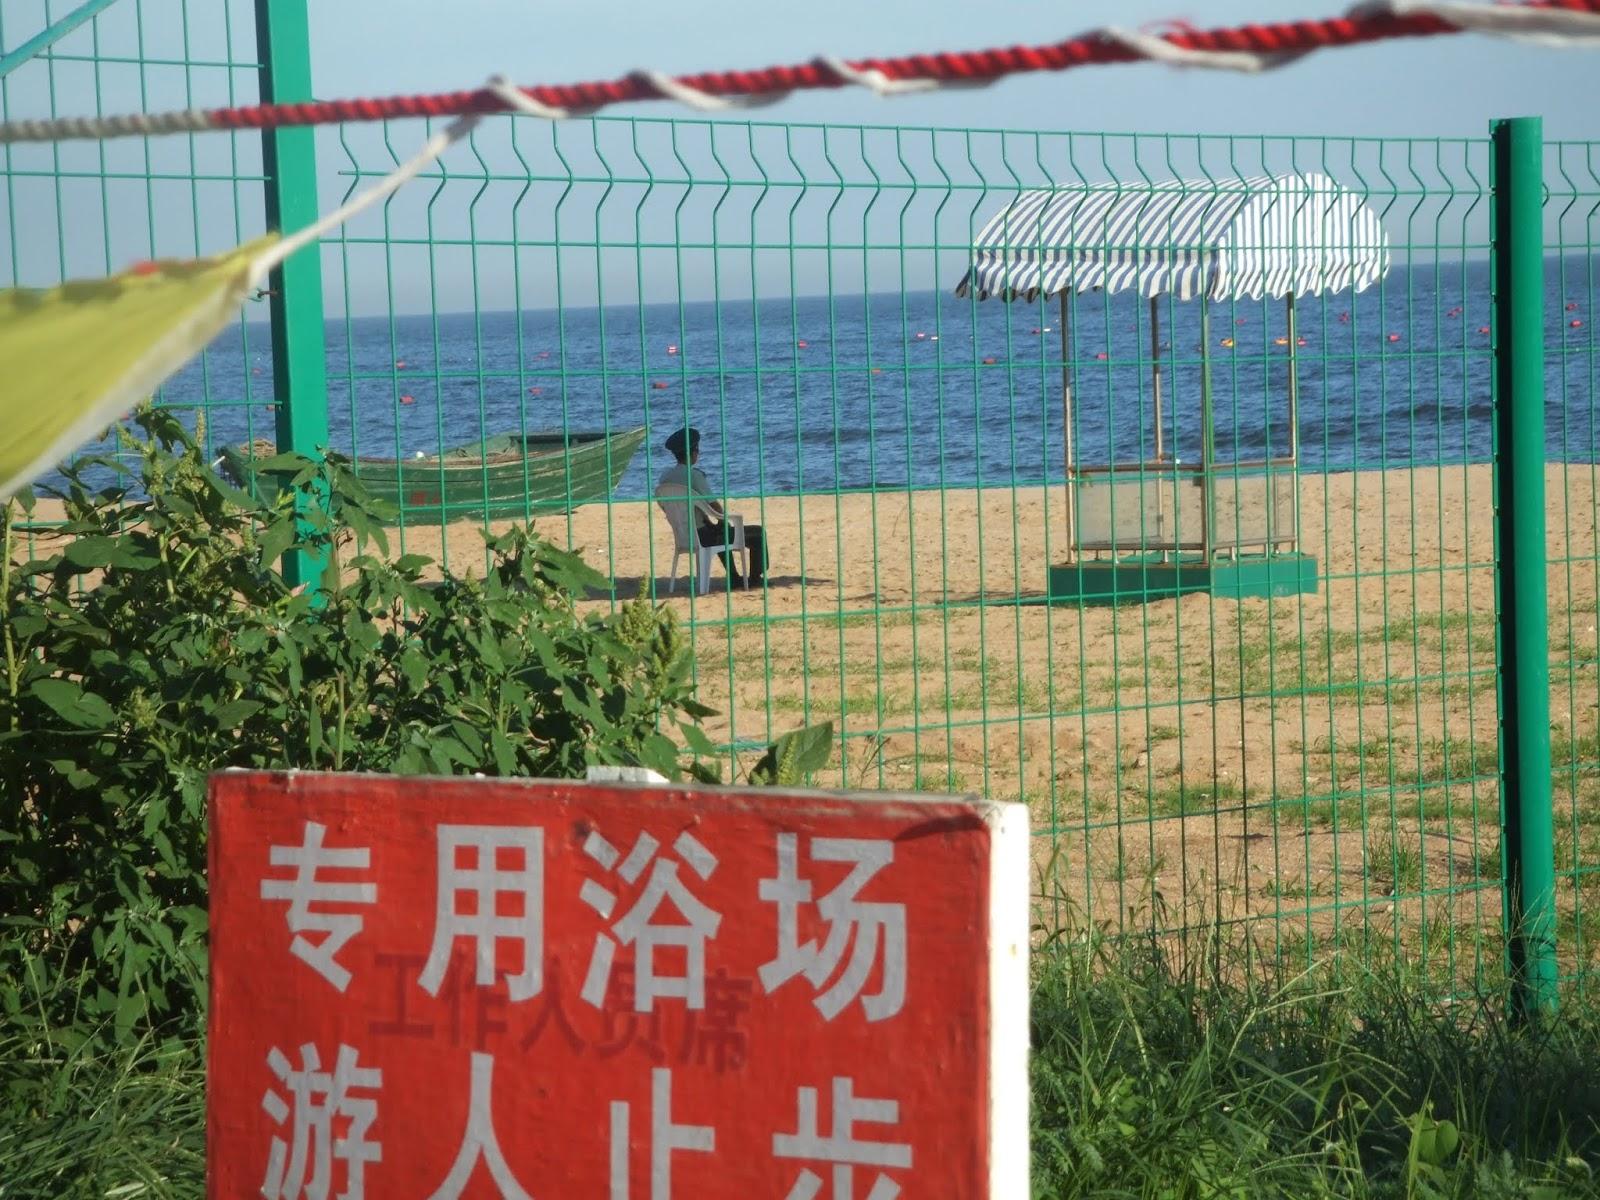 Mann in Uniform hinter grünem Zaun neben grünem Boot am Strand